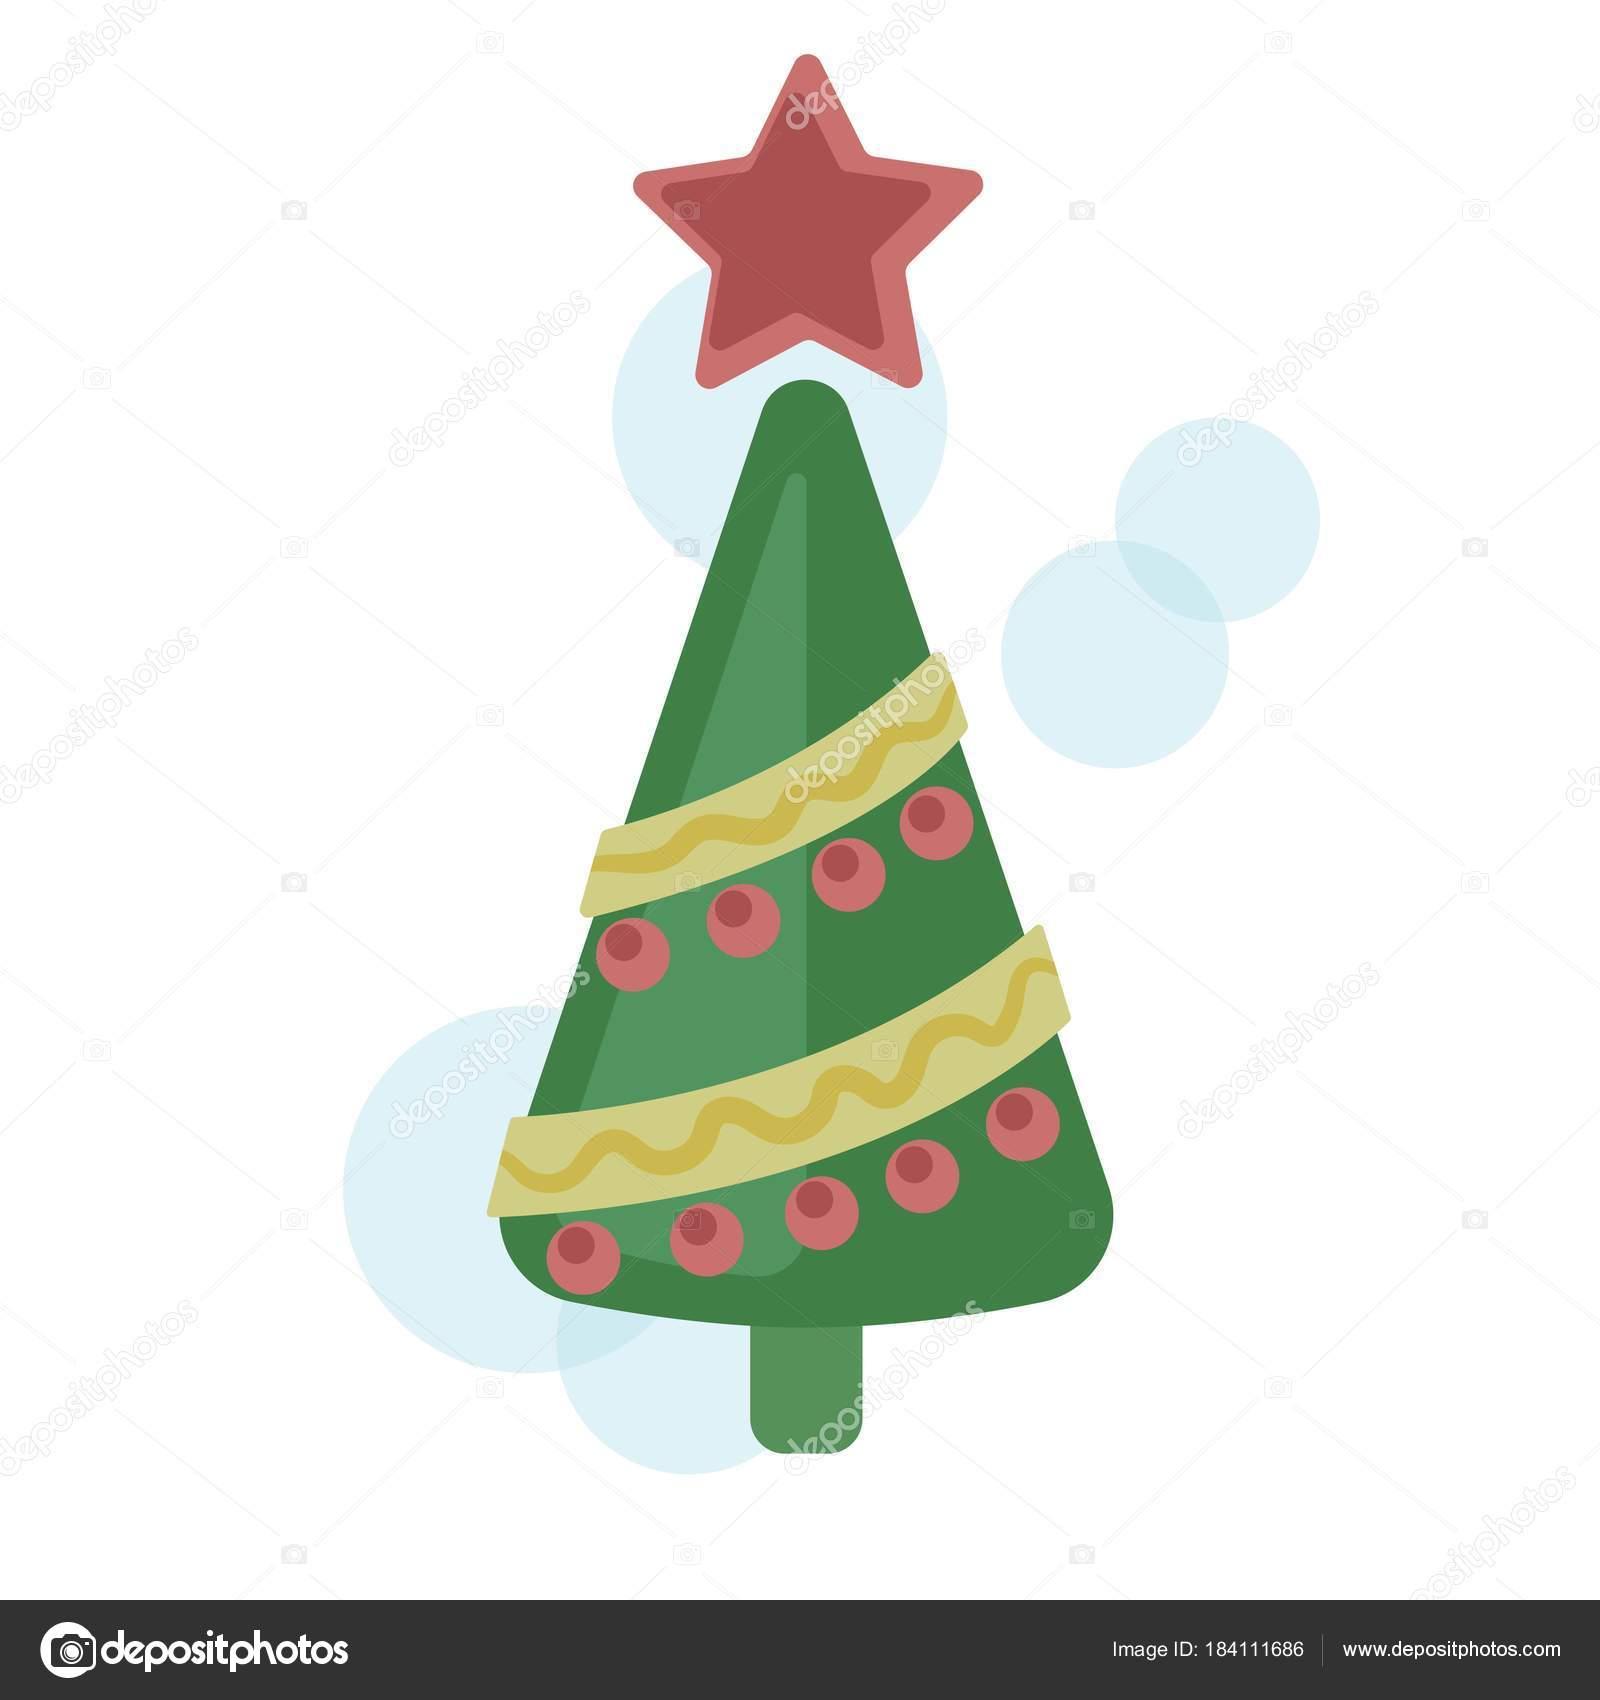 Dibujos Estrellas De Navidad A Color Vector árbol De